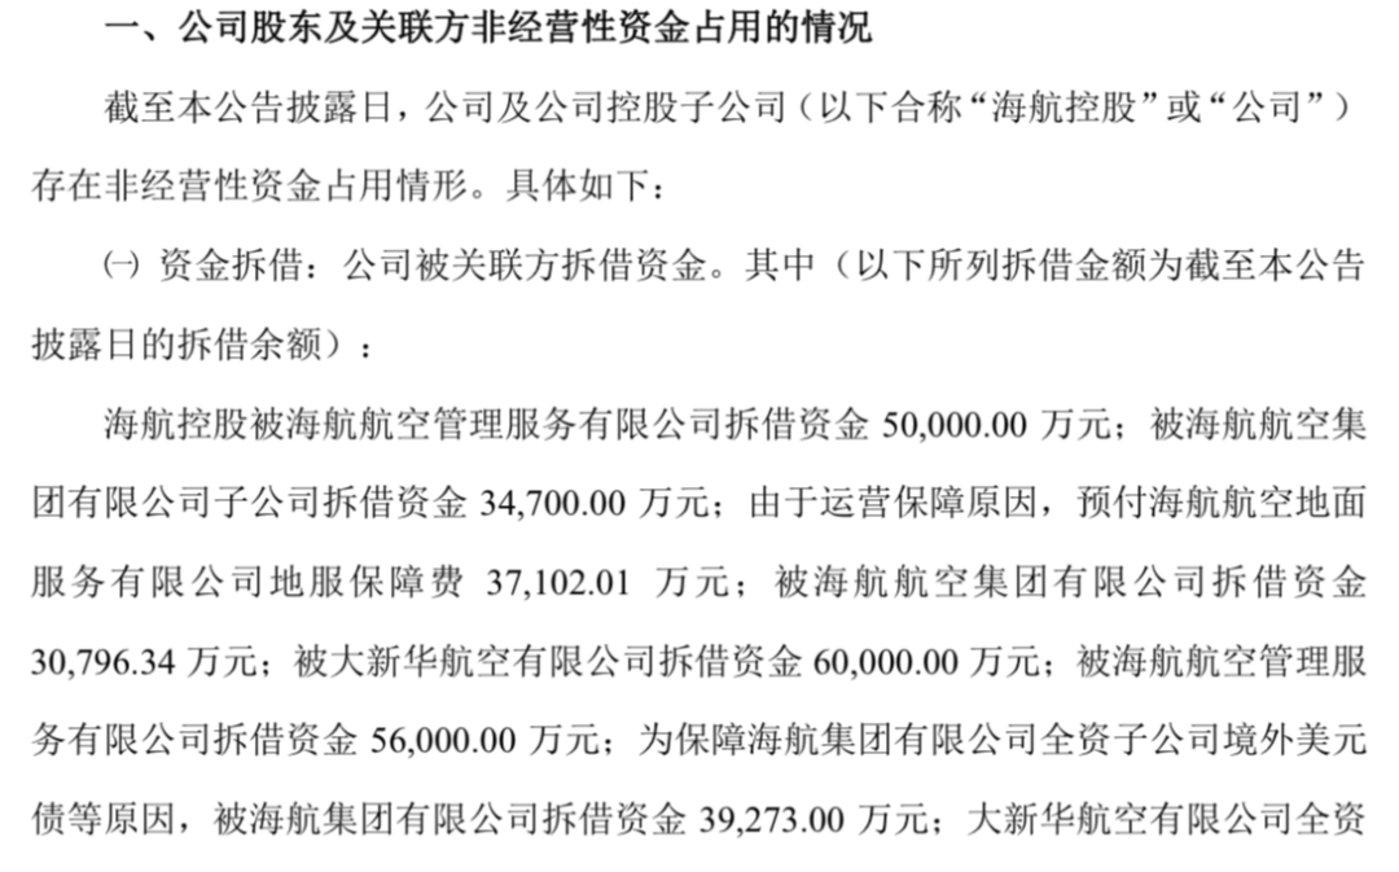 来源:上交所网站